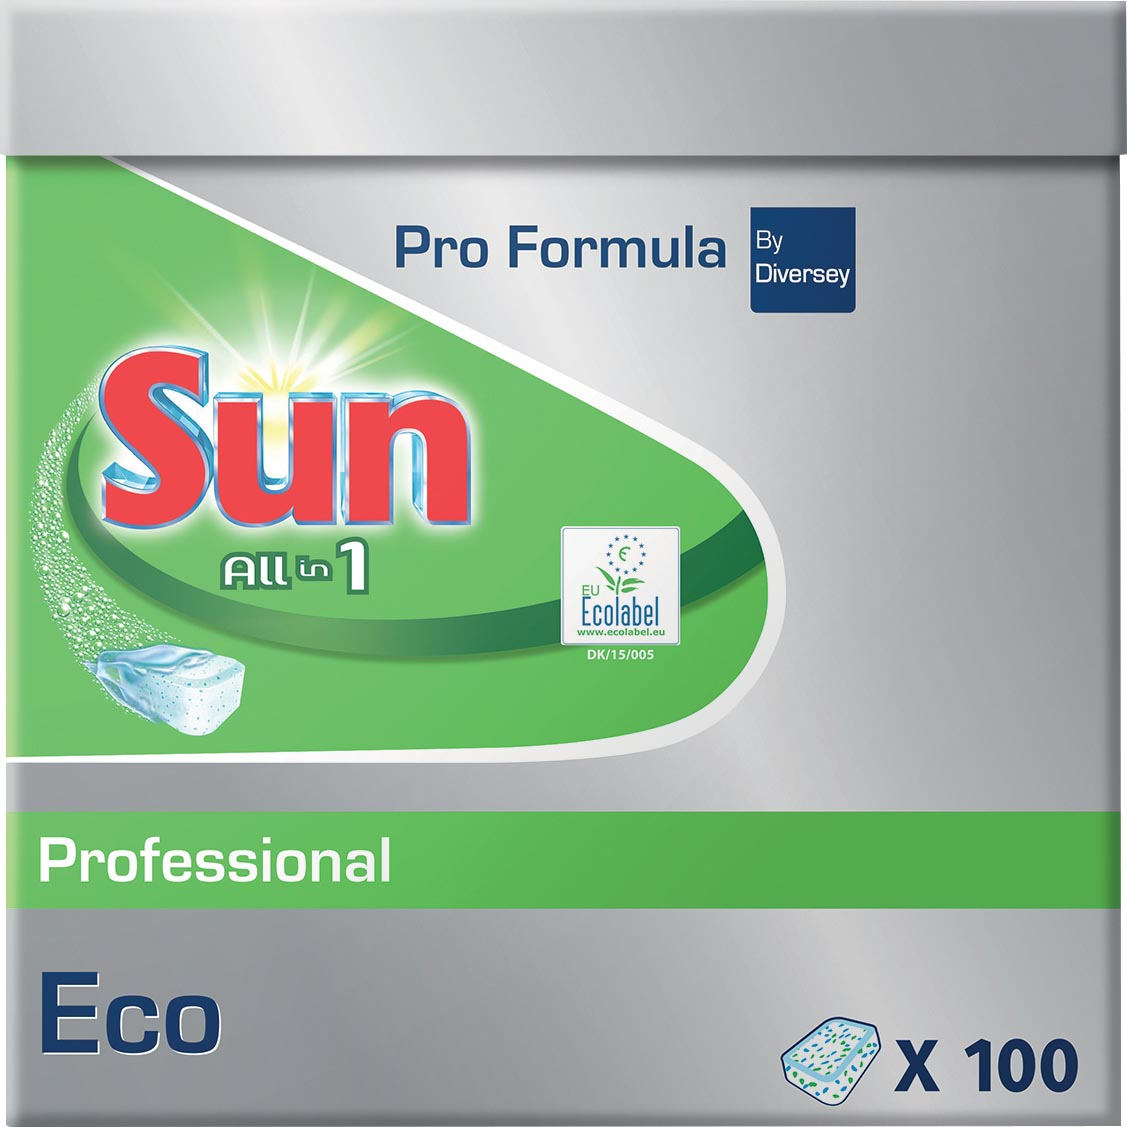 Sun Vaatwasmiddelen-tablets All in one Eco 100 Stuks